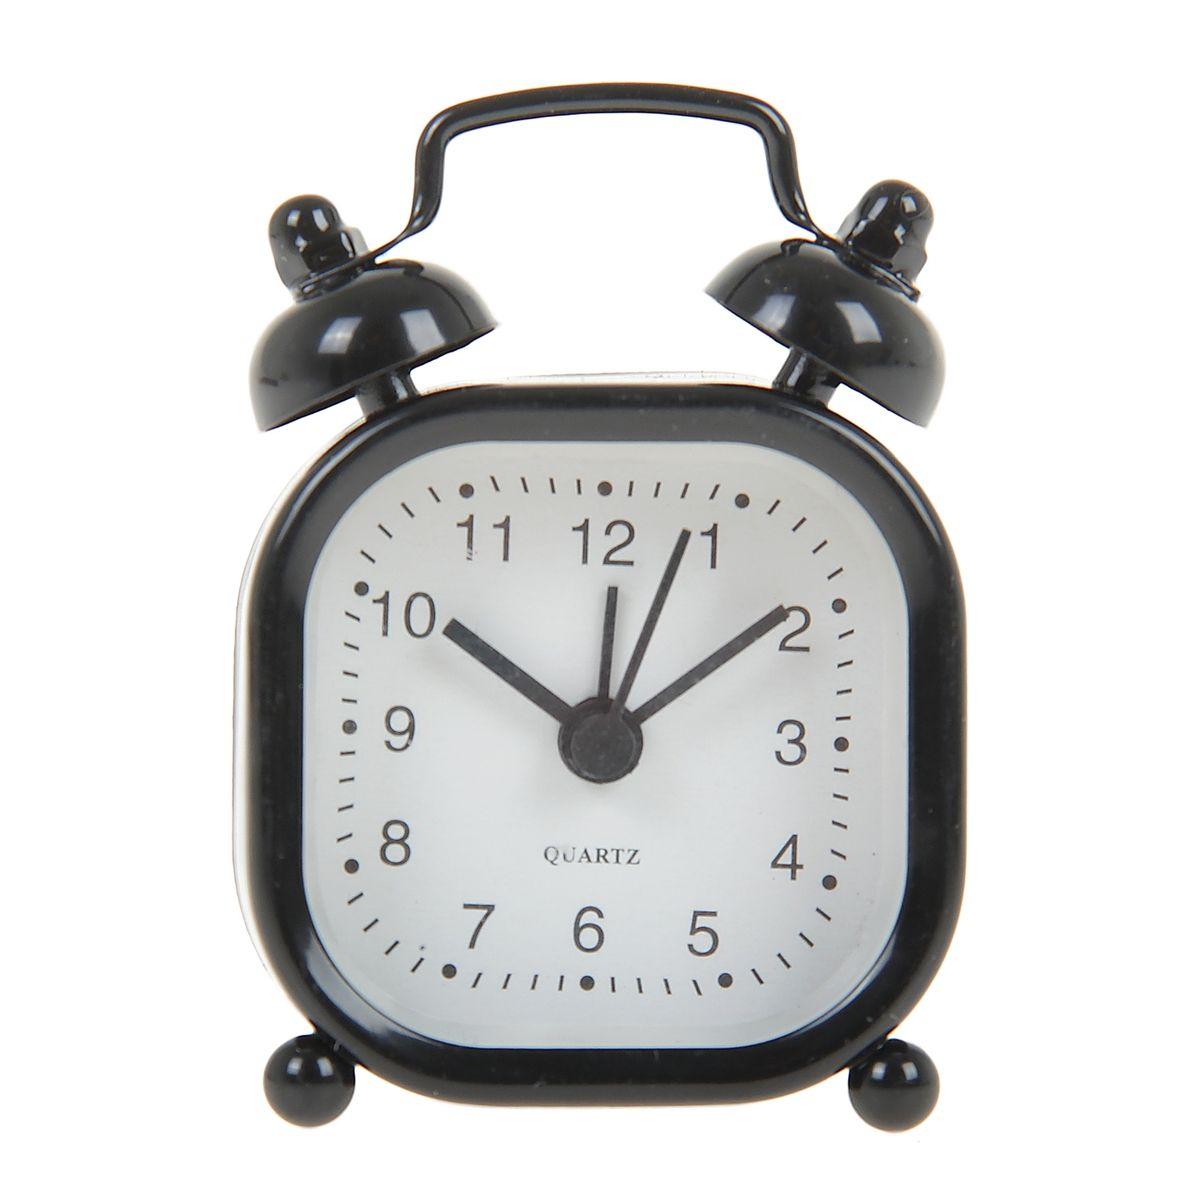 Часы-будильник Sima-land, цвет: черный. 840950840950Как же сложно иногда вставать вовремя! Всегда так хочется поспать еще хотя бы 5 минут и бывает, что мы просыпаем. Теперь этого не случится! Яркий, оригинальный будильник Sima-land поможет вам всегда вставать в нужное время и успевать везде и всюду. Будильник украсит вашу комнату и приведет в восхищение друзей. Эта уменьшенная версия привычного будильника умещается на ладони и работает так же громко, как и привычные аналоги. Время показывает точно и будит в установленный час. На задней панели будильника расположены переключатель включения/выключения механизма, а также два колесика для настройки текущего времени и времени звонка будильника. Будильник работает от 1 батарейки типа LR44 (входит в комплект).